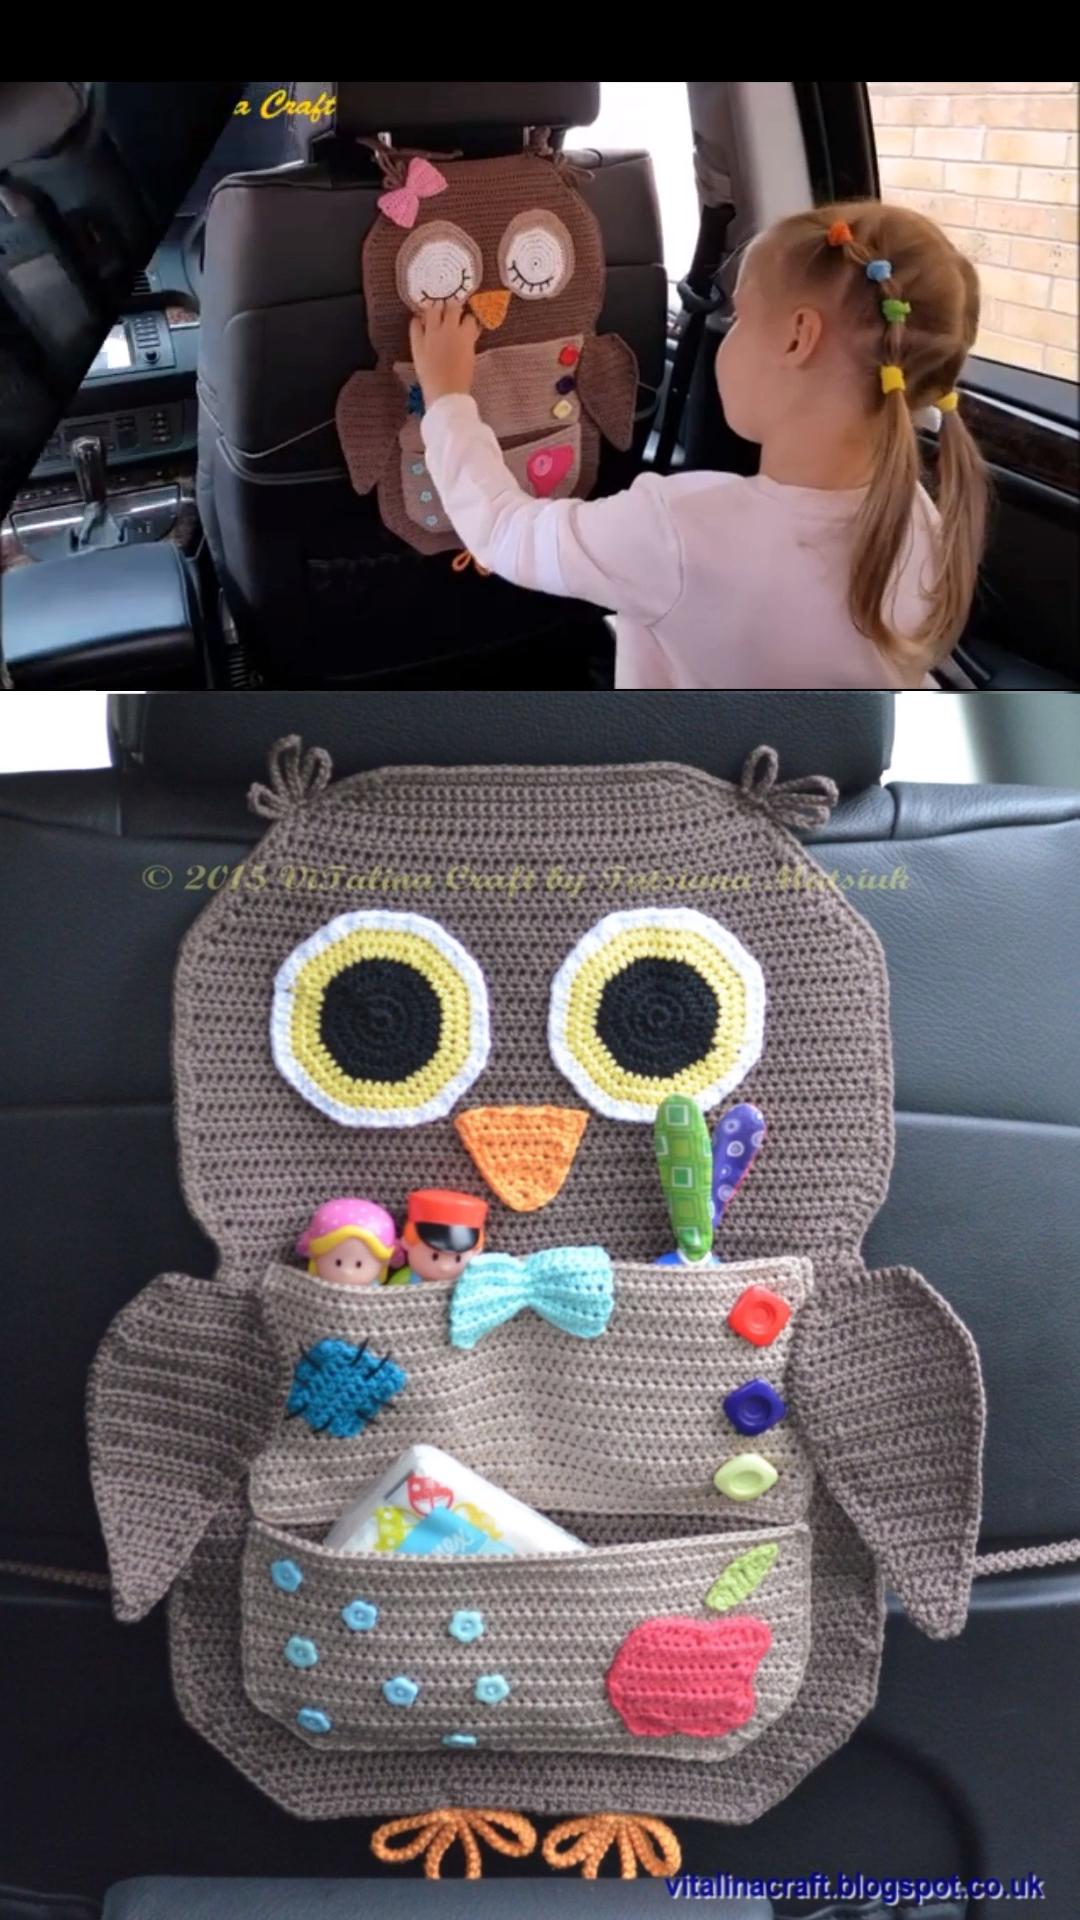 Crochet Car Organizer #crochetbearpatterns